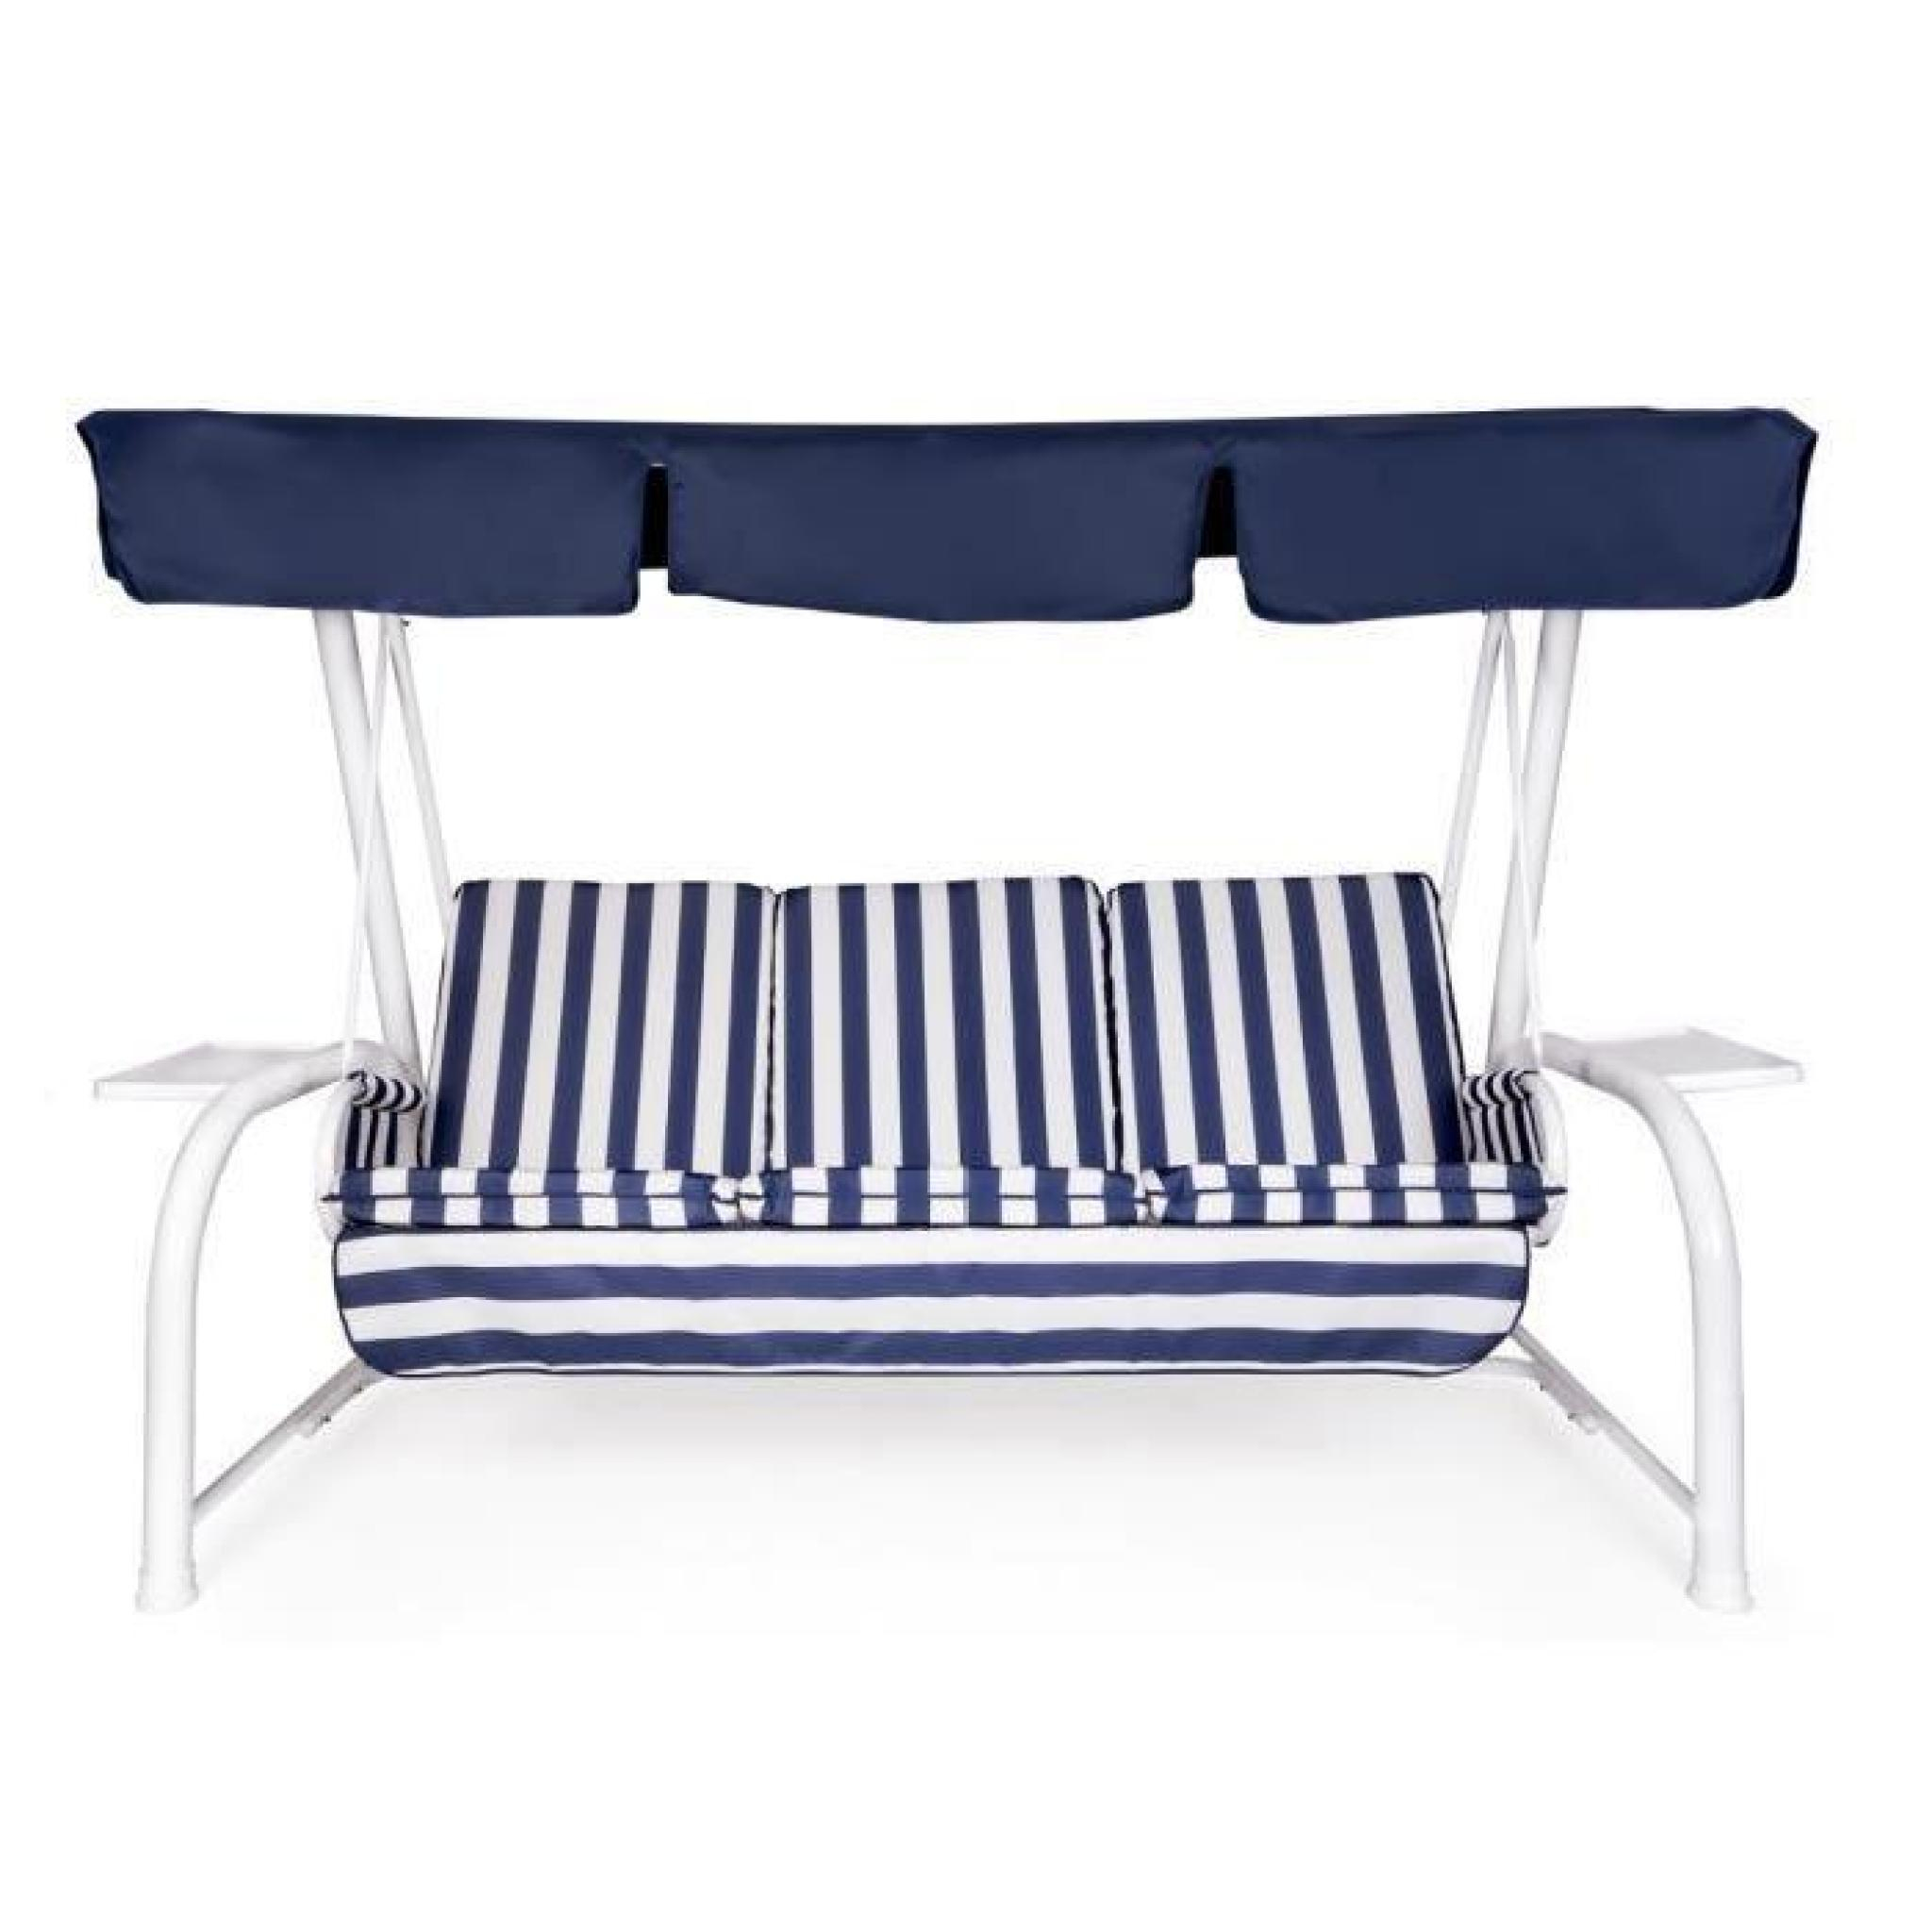 Set Coussins + Toit De Remplacement Pour Balancelle 4 Places Blanc Rayé  Bleu Toit Bleu serapportantà Toit Balancelle